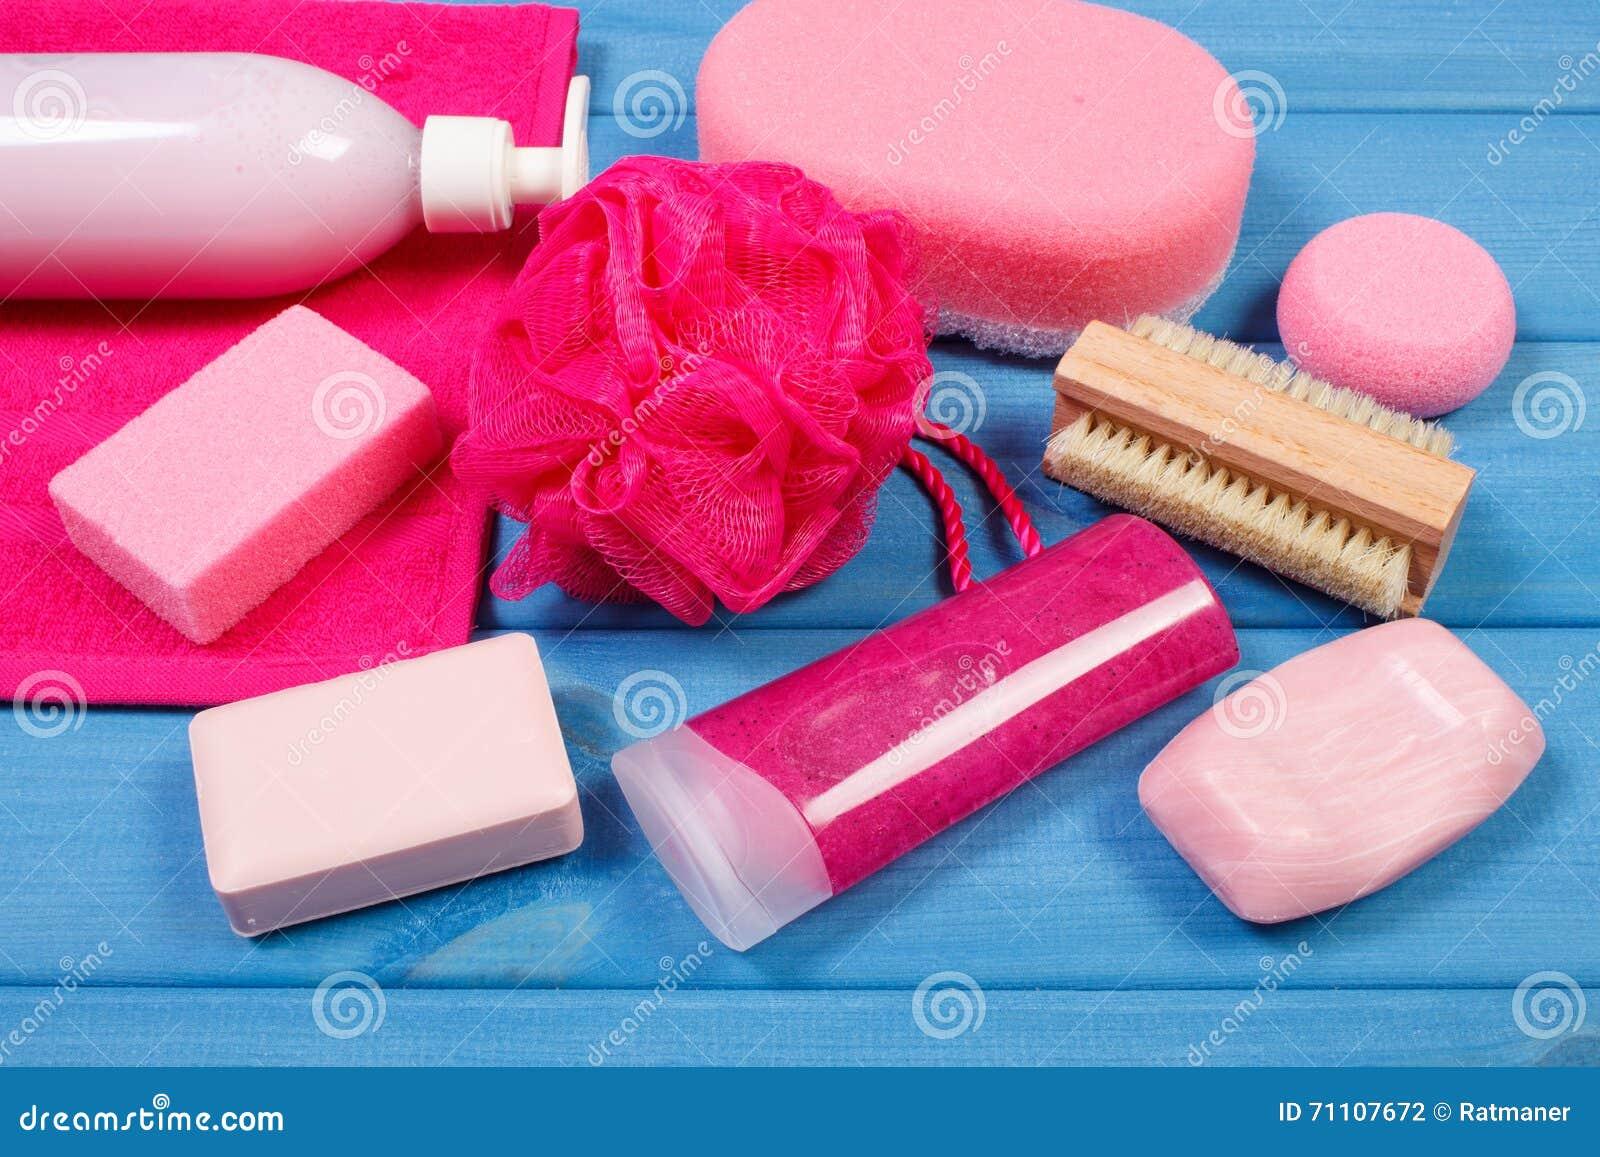 Accesorios y cosm ticos para la higiene personal en cuarto - Accesorios cuarto de bano ...